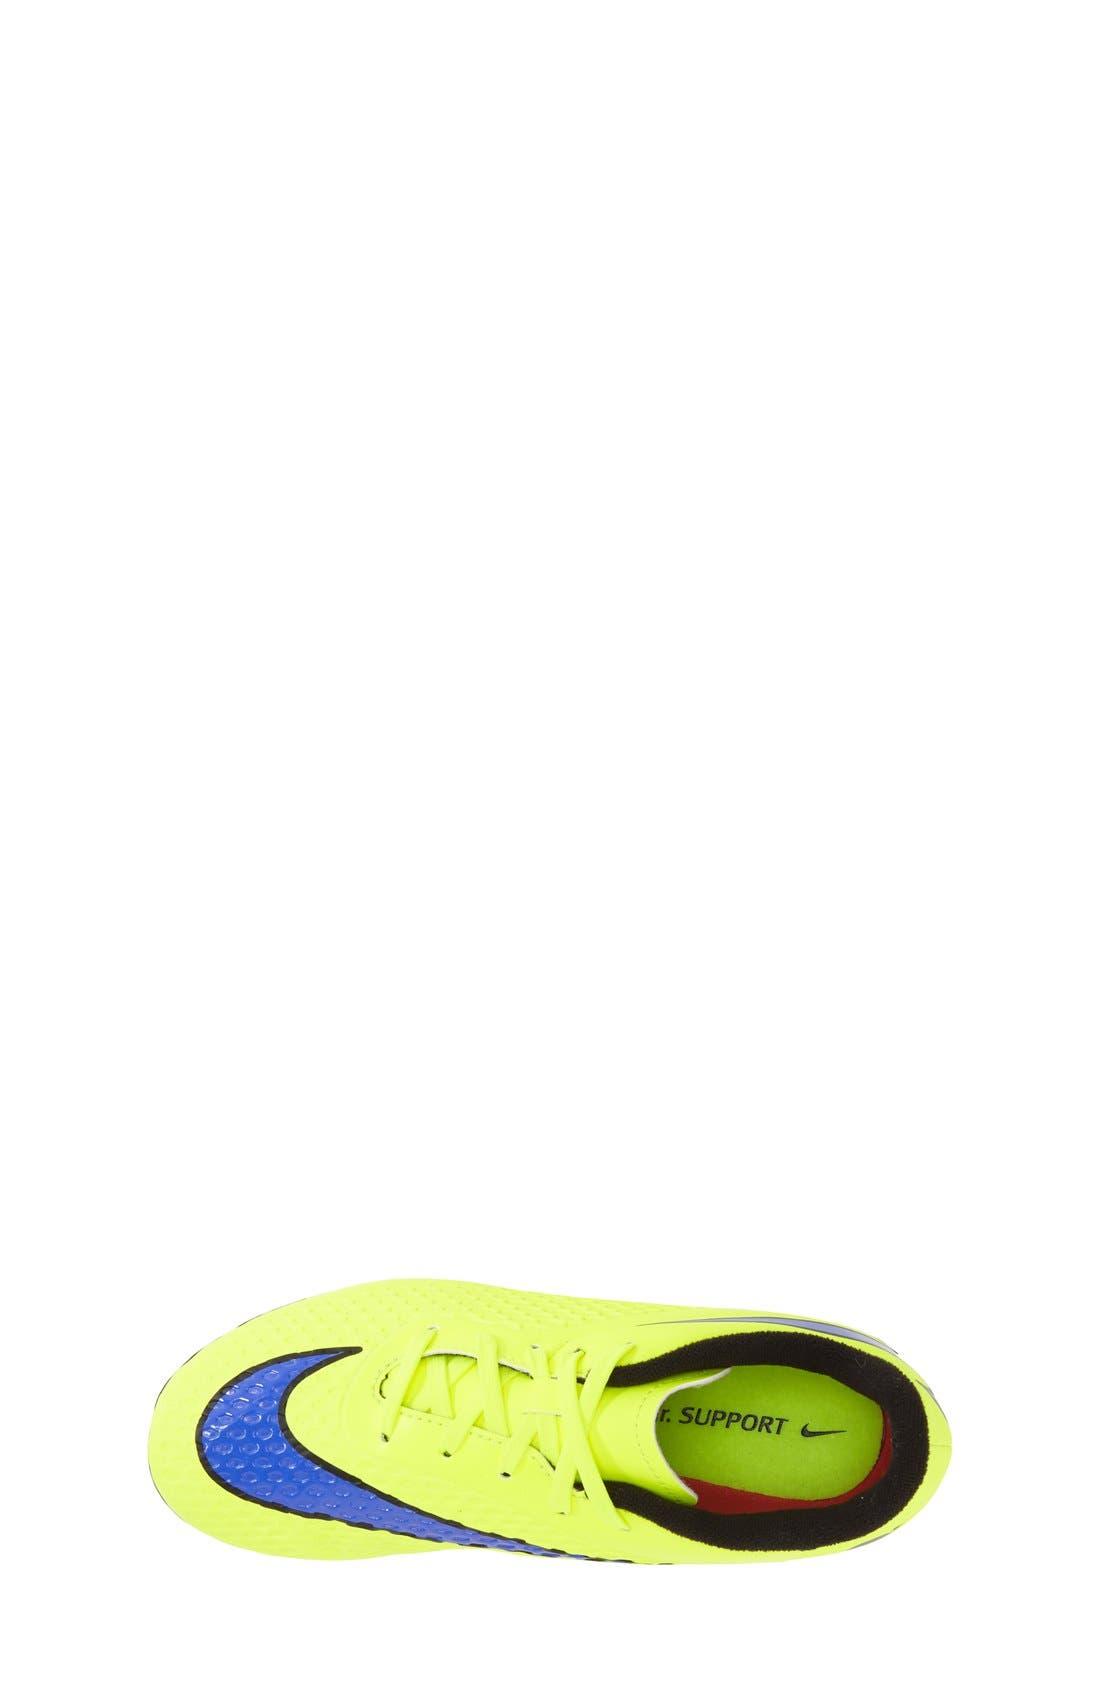 Alternate Image 3  - Nike 'Hypervenom Phelon FG' Soccer Cleat (Toddler, Little Kid & Big Kid)